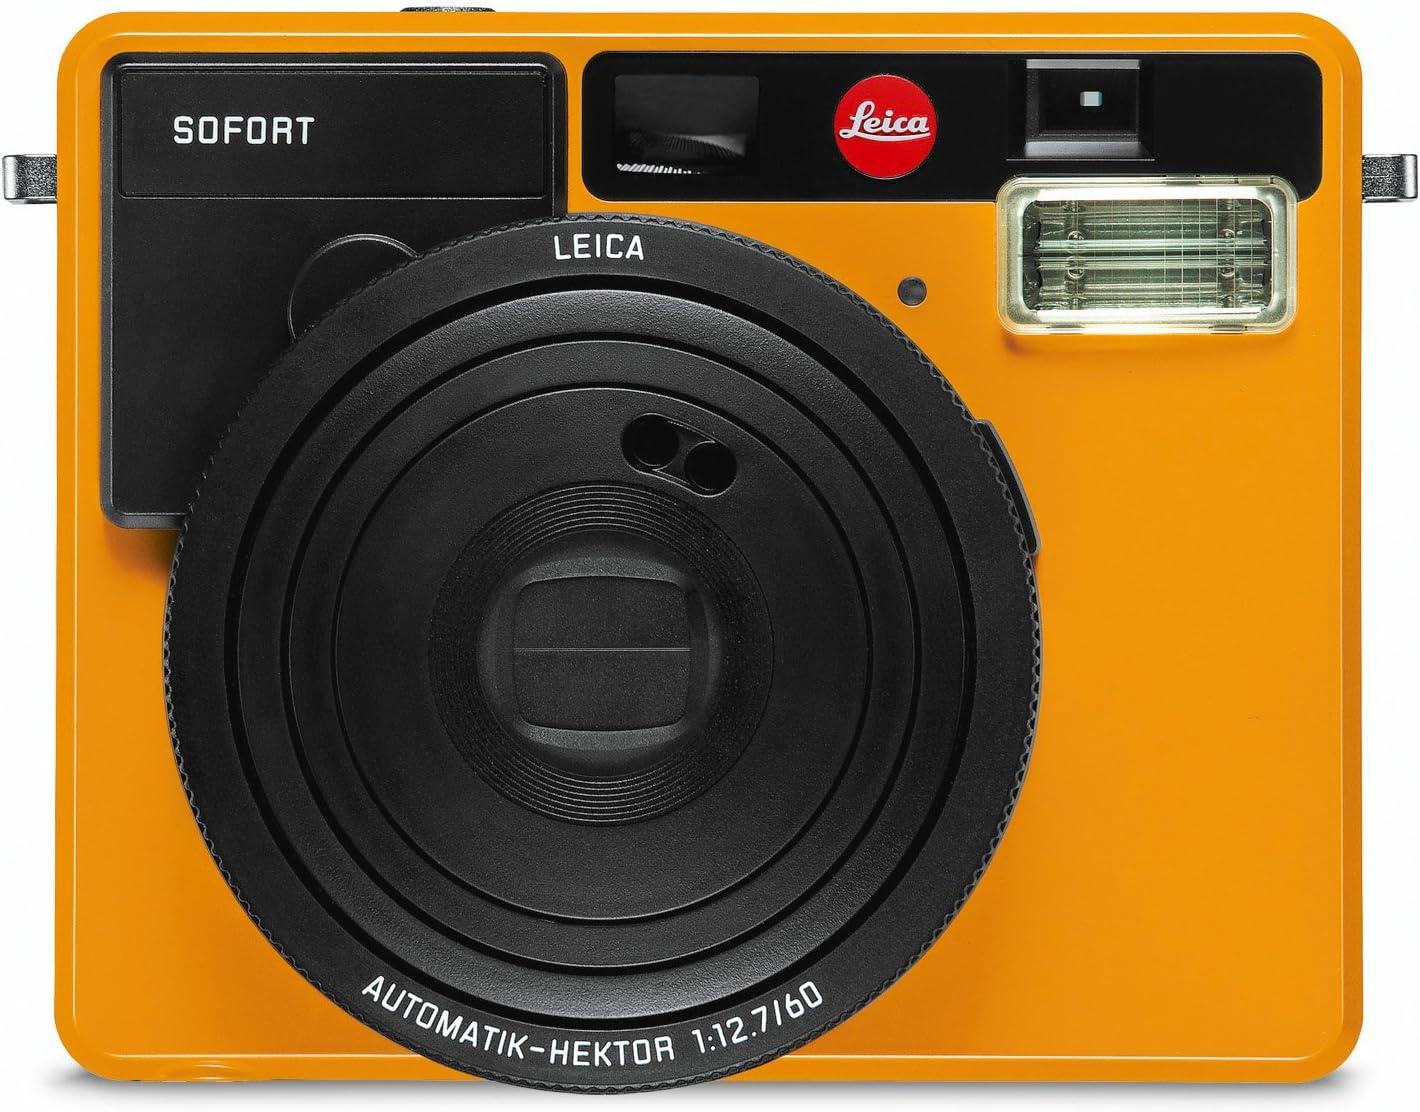 Leica Sofort Imprimante